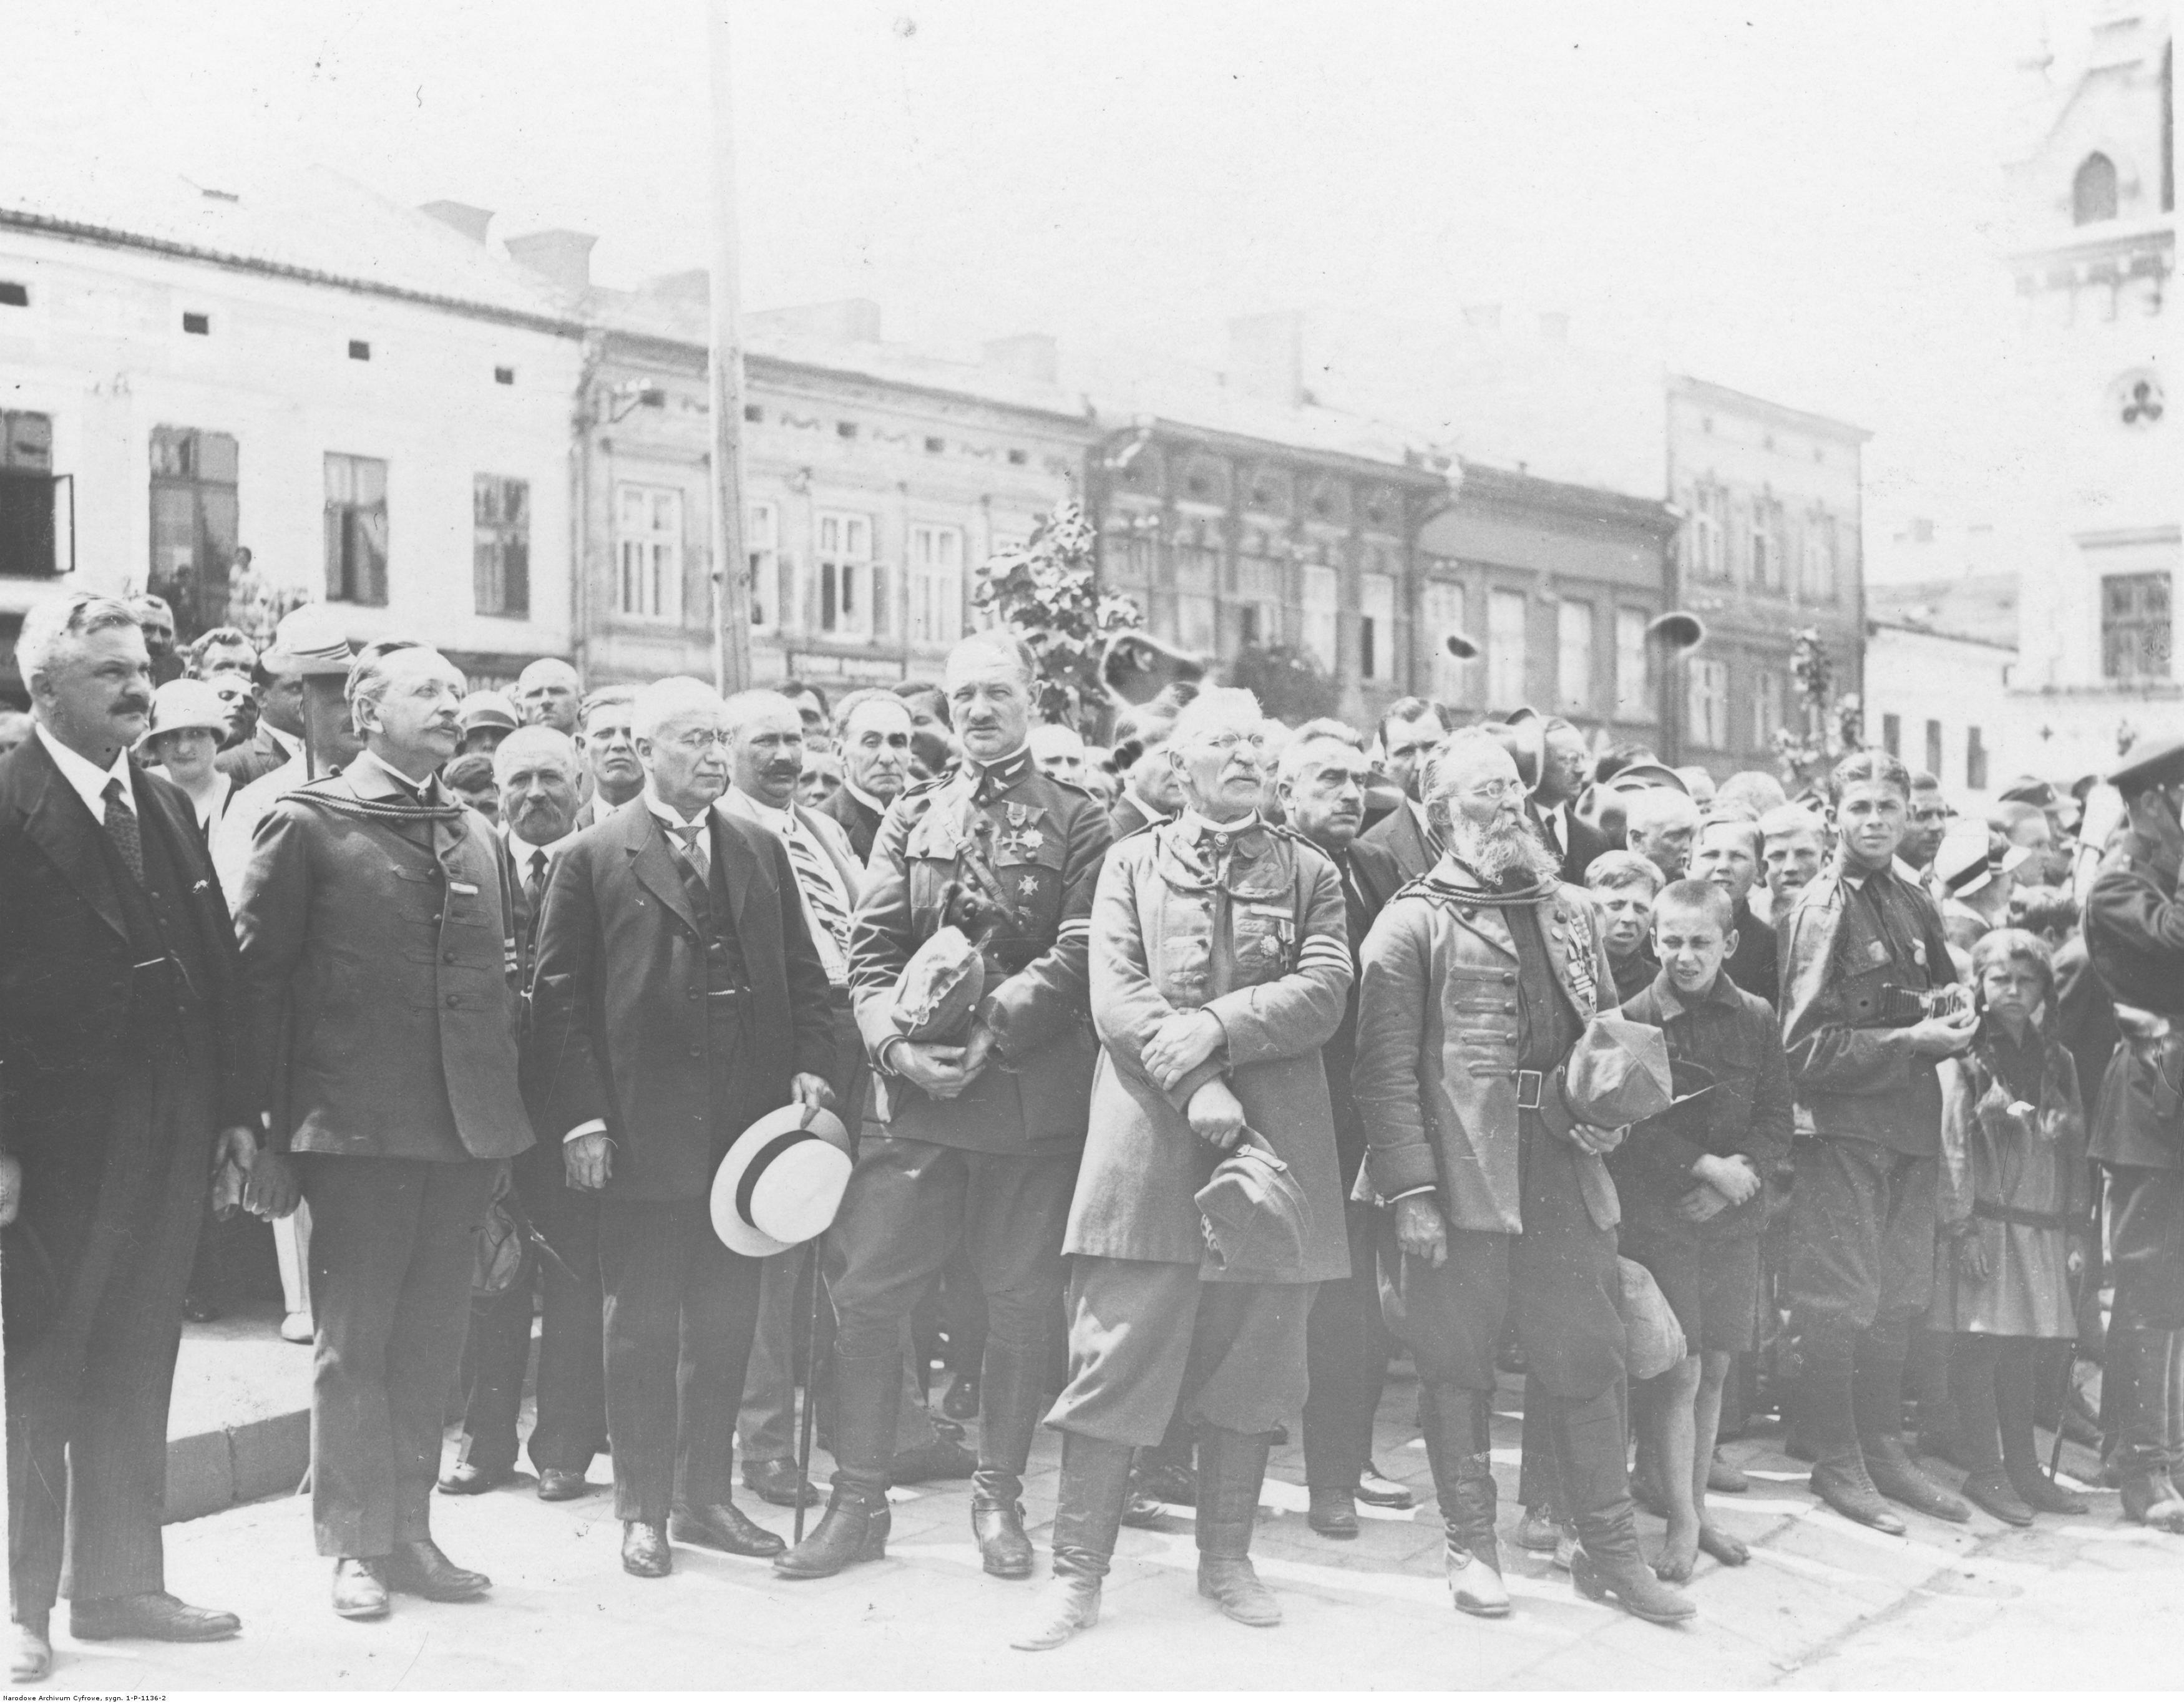 Zlot członków Towarzystwa Gimnastycznego Sokół. Działacze Towarzystwa Gimnastycznego Sokół i przedstawiciele władz miasta podczas uroczystości na Rynku, rok 1919-1939